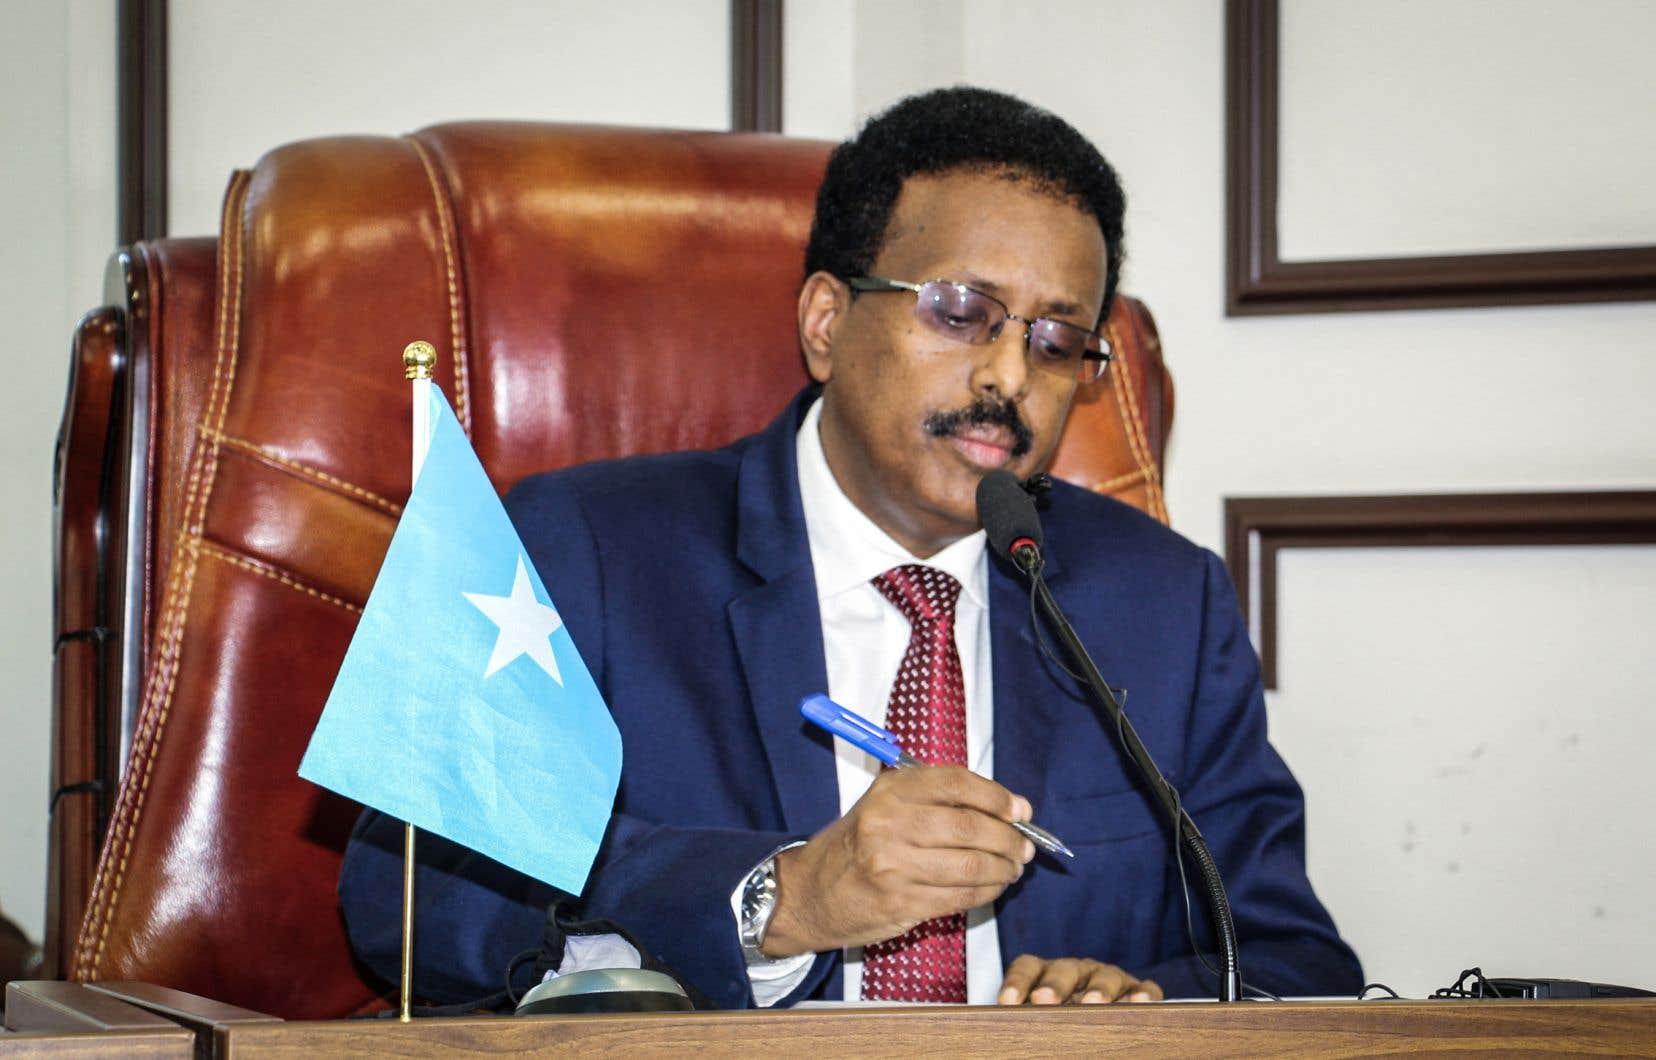 En avril, la prolongation pour deux ans du mandat du président Mohamed Abdullahi Mohamed, dit Farmajo, qui avait expiré le 8février, avait provoqué de violents affrontements à Mogadiscio, menaçant le fragile équilibre de ce pays meurtri par la guerre civile.